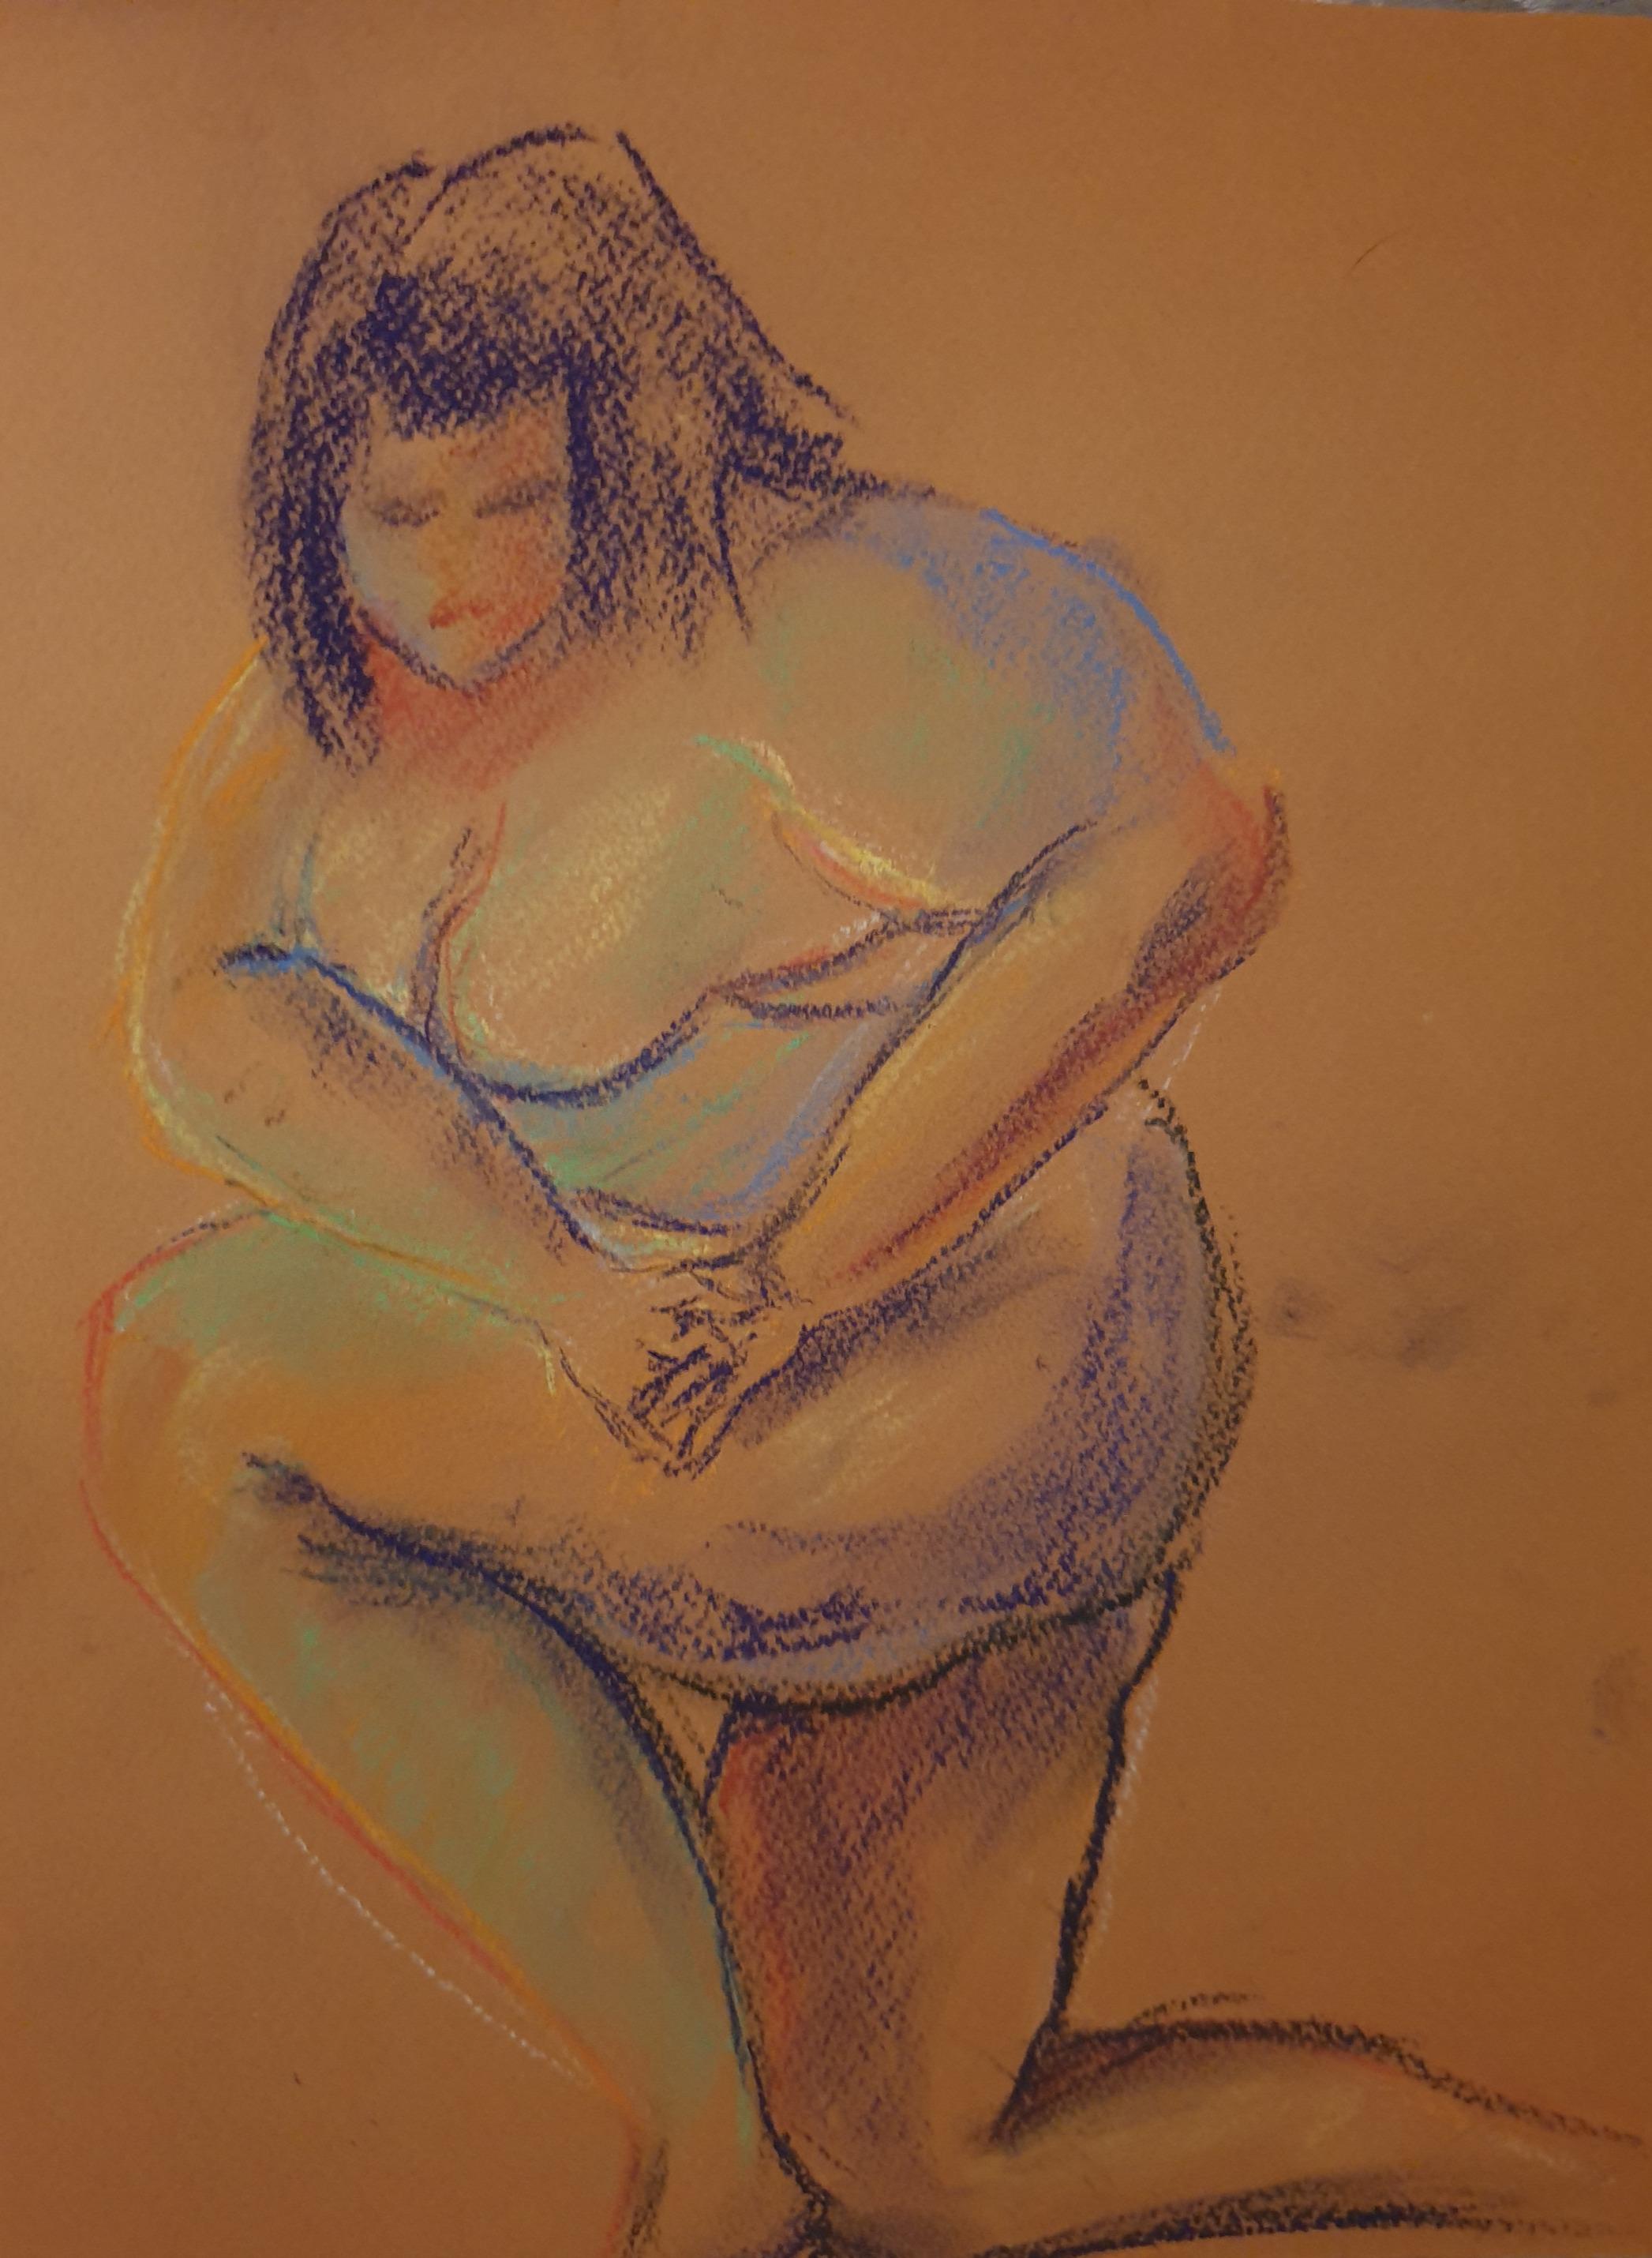 Life Drawing (2020) - Pastels